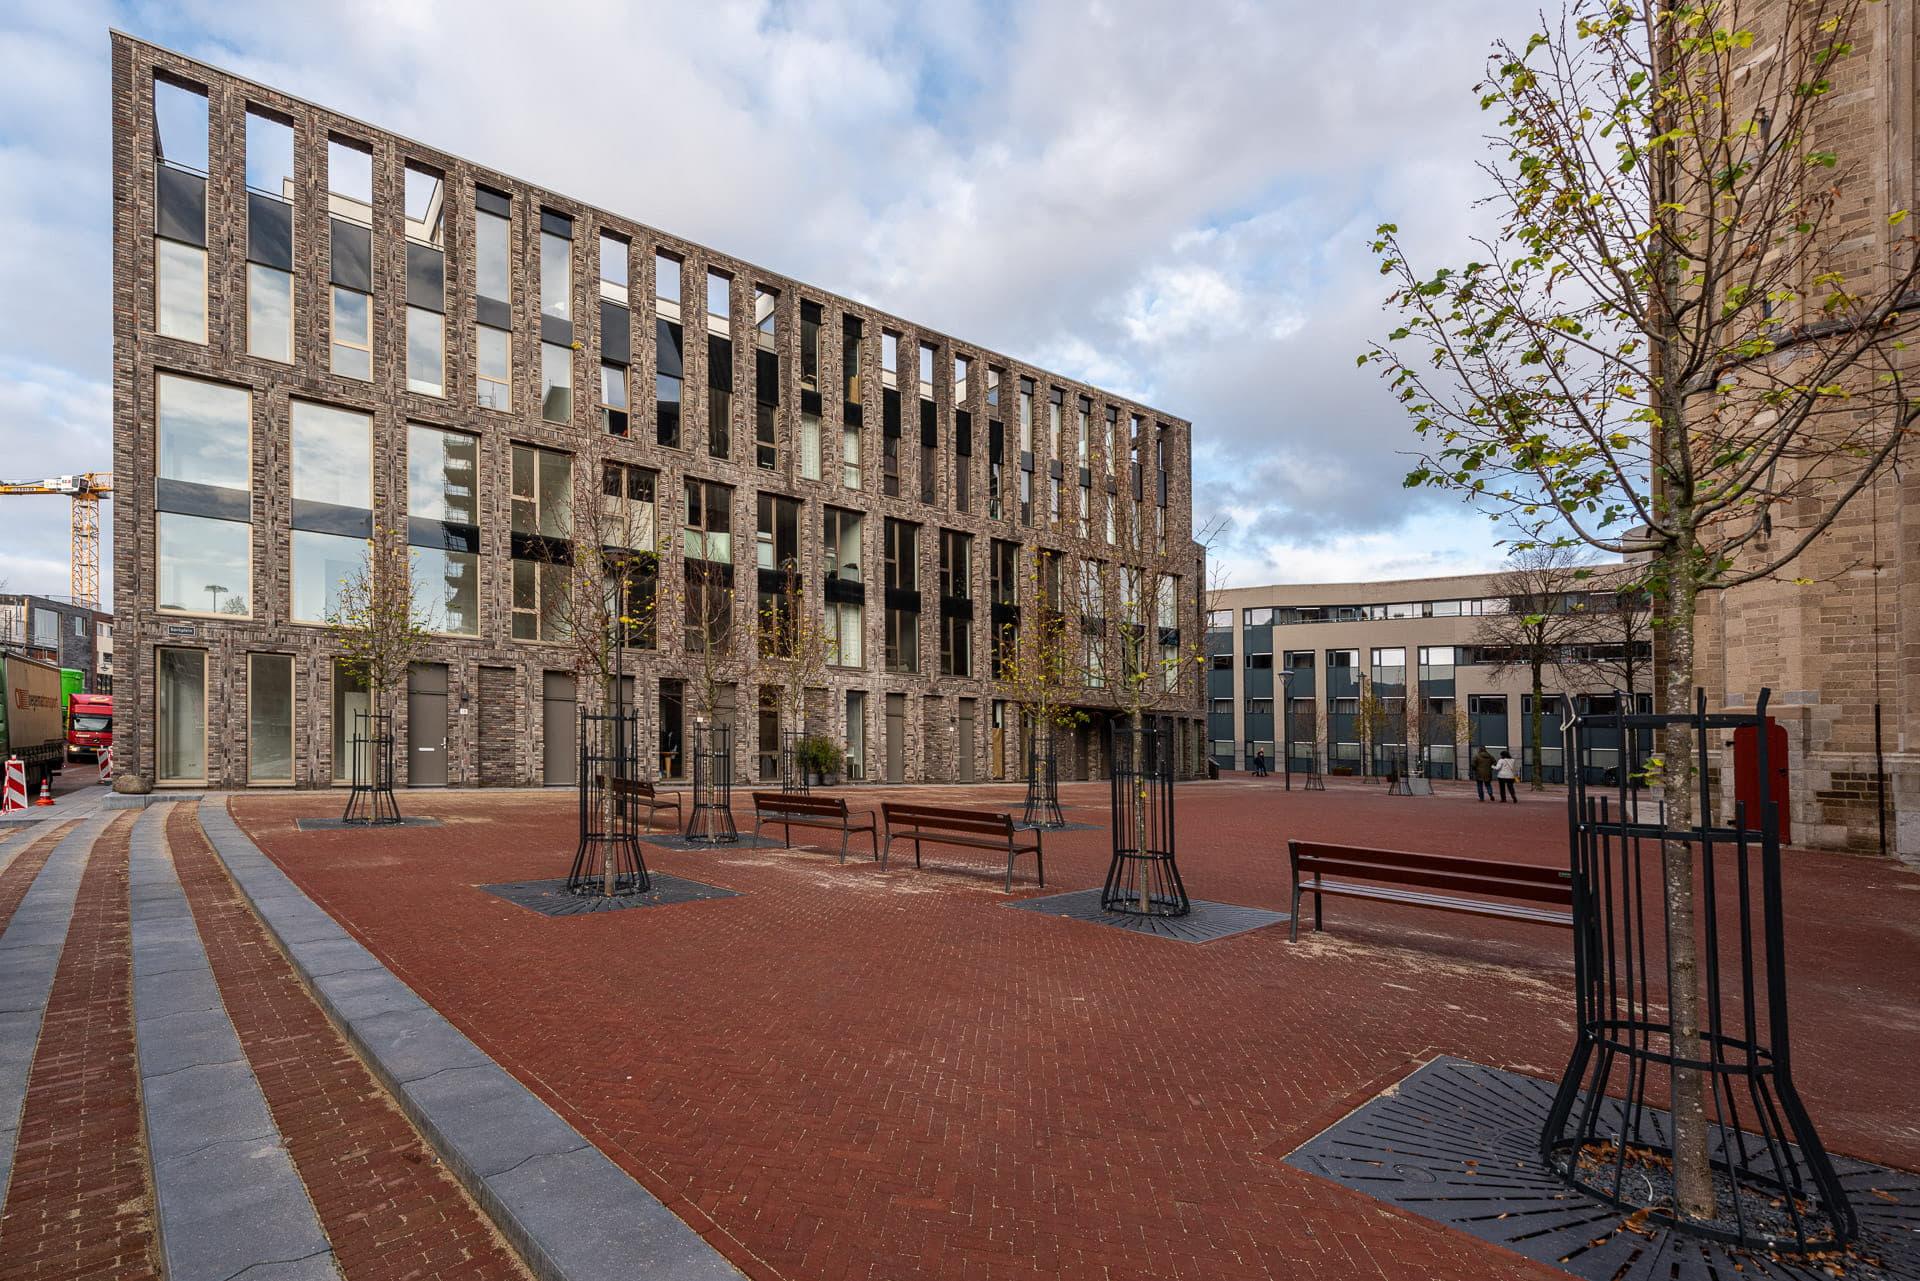 Zijkant van lichte gevel met grote ramen en plein op de voorgrond